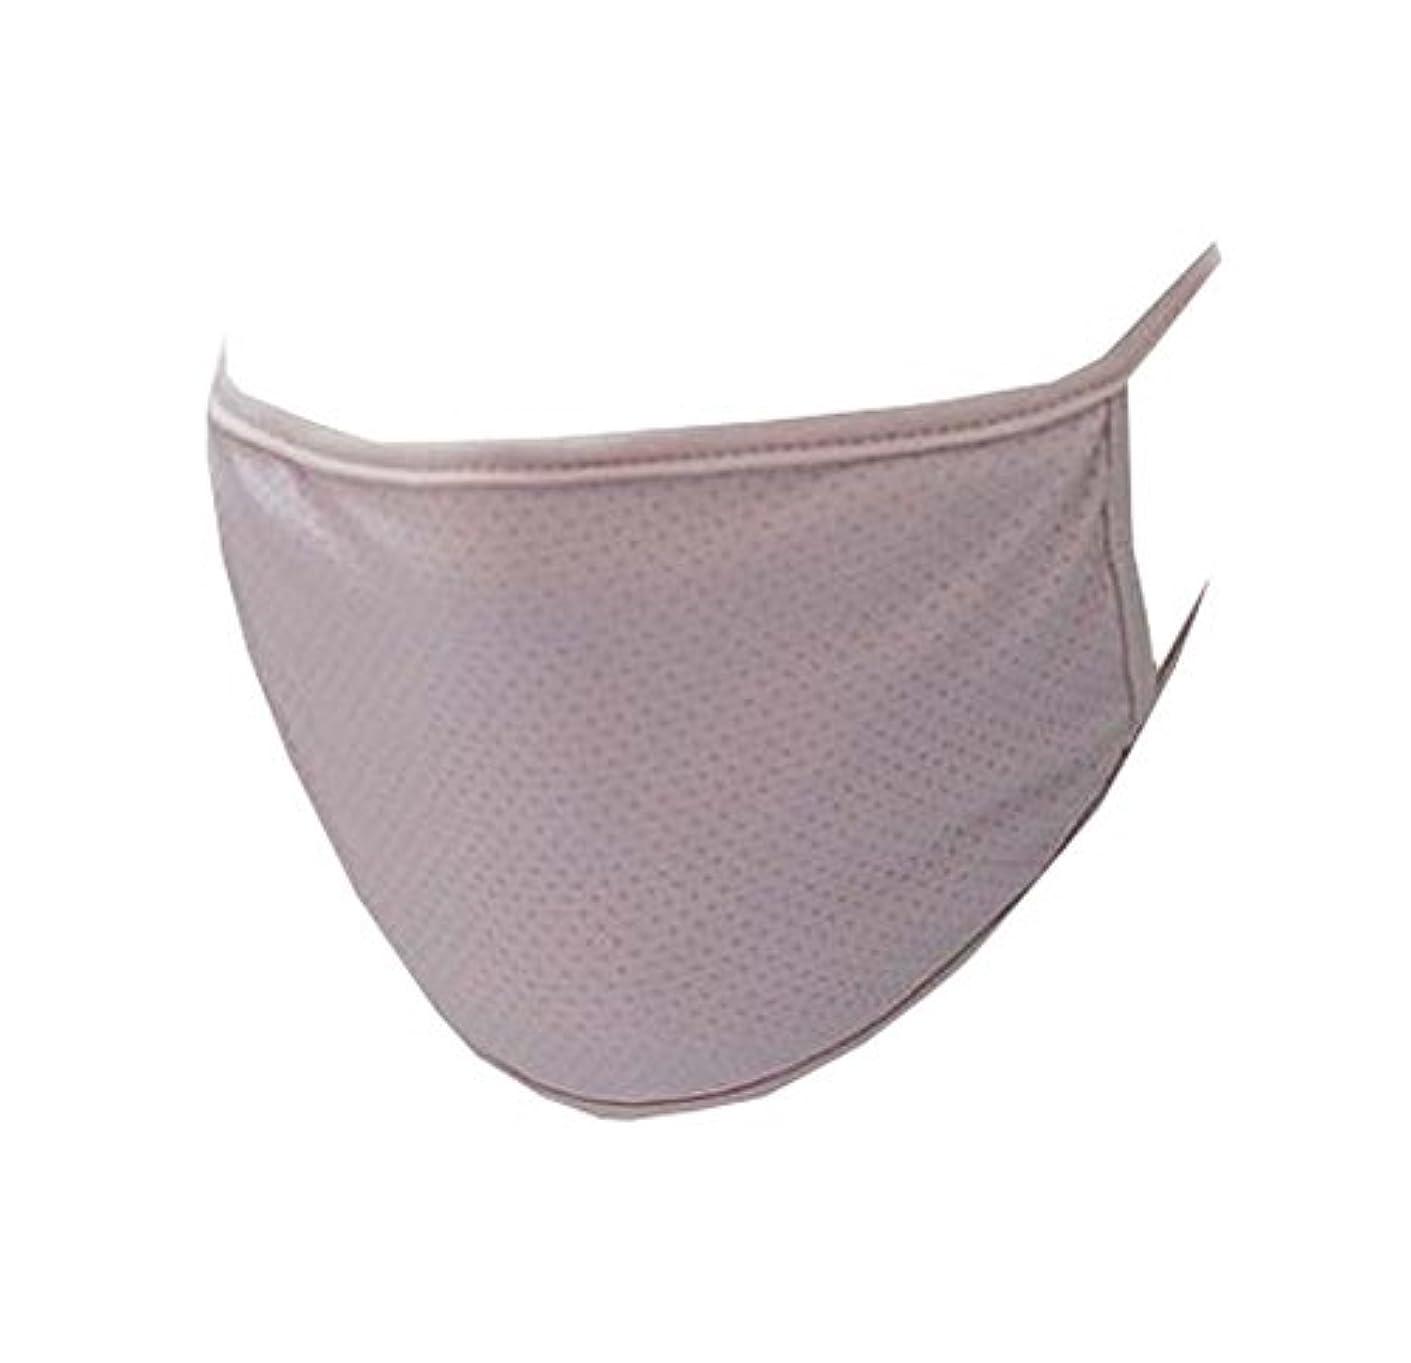 老人ミルクペスト口マスク、再使用可能フィルター - 埃、花粉、アレルゲン、抗UV、およびインフルエンザ菌 - F